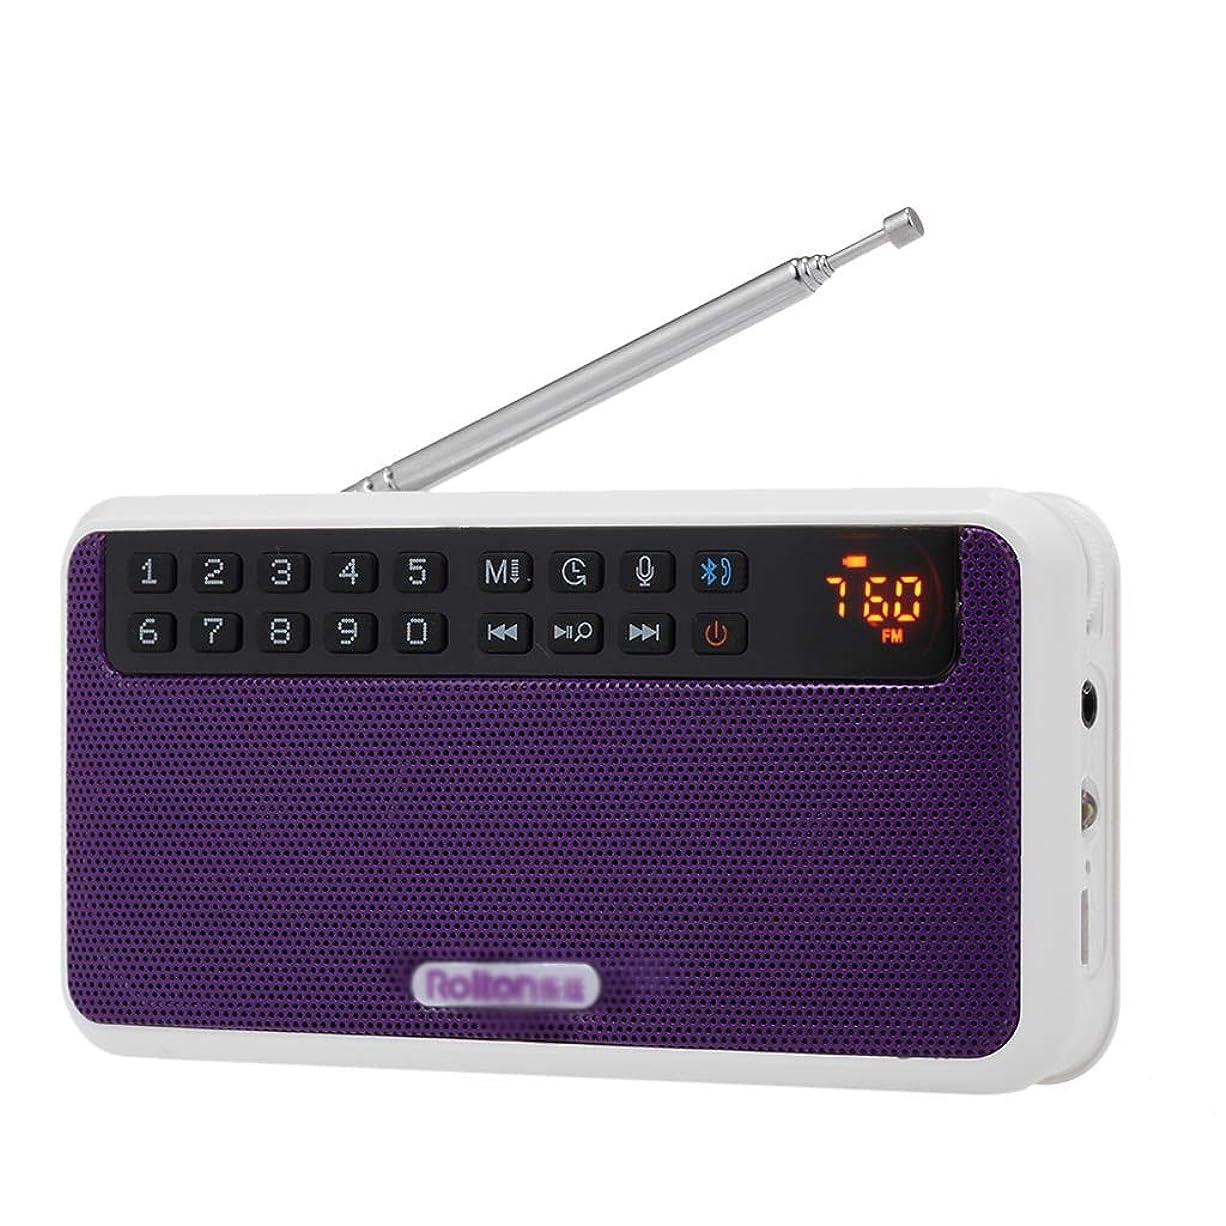 観客記念品予報シンプルなプリセットとラジオFMデジタルラジオポータブルデジタルハイファイステレオTF音楽プレーヤーLEDディスプレイマイク (Color : Purple)